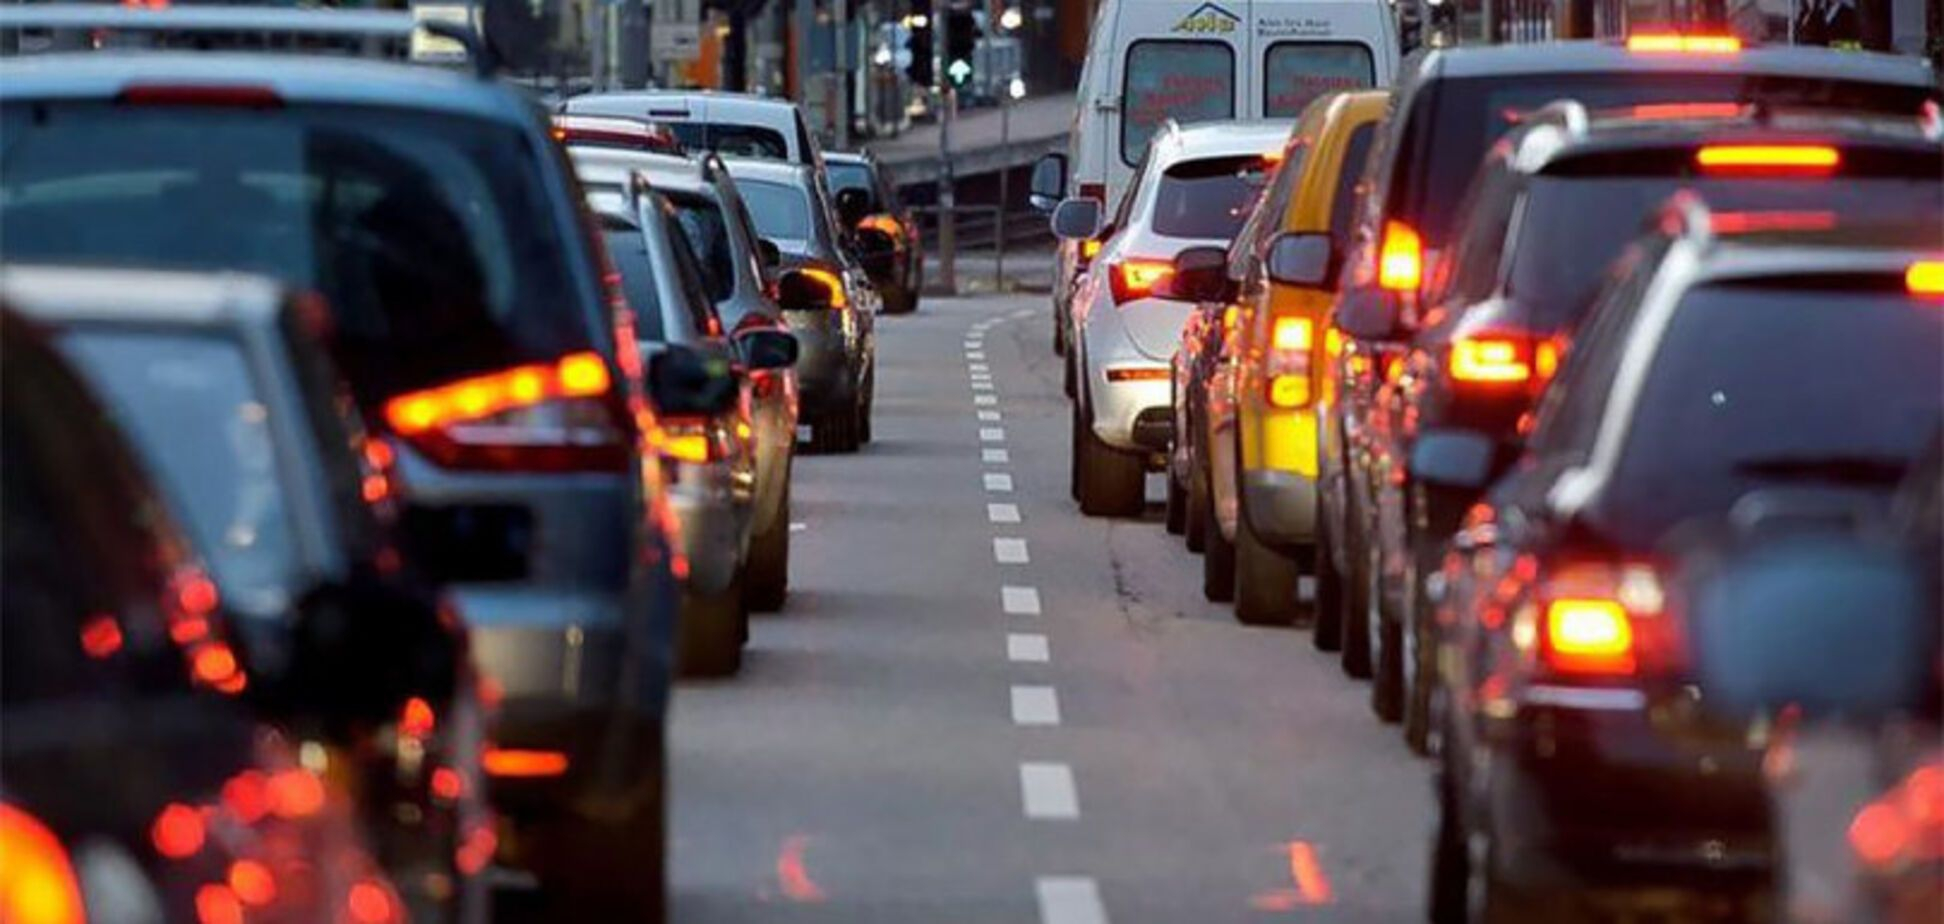 Биоэтанол: как теневые участники рынка могут нажиться на автомобилистах в Украине